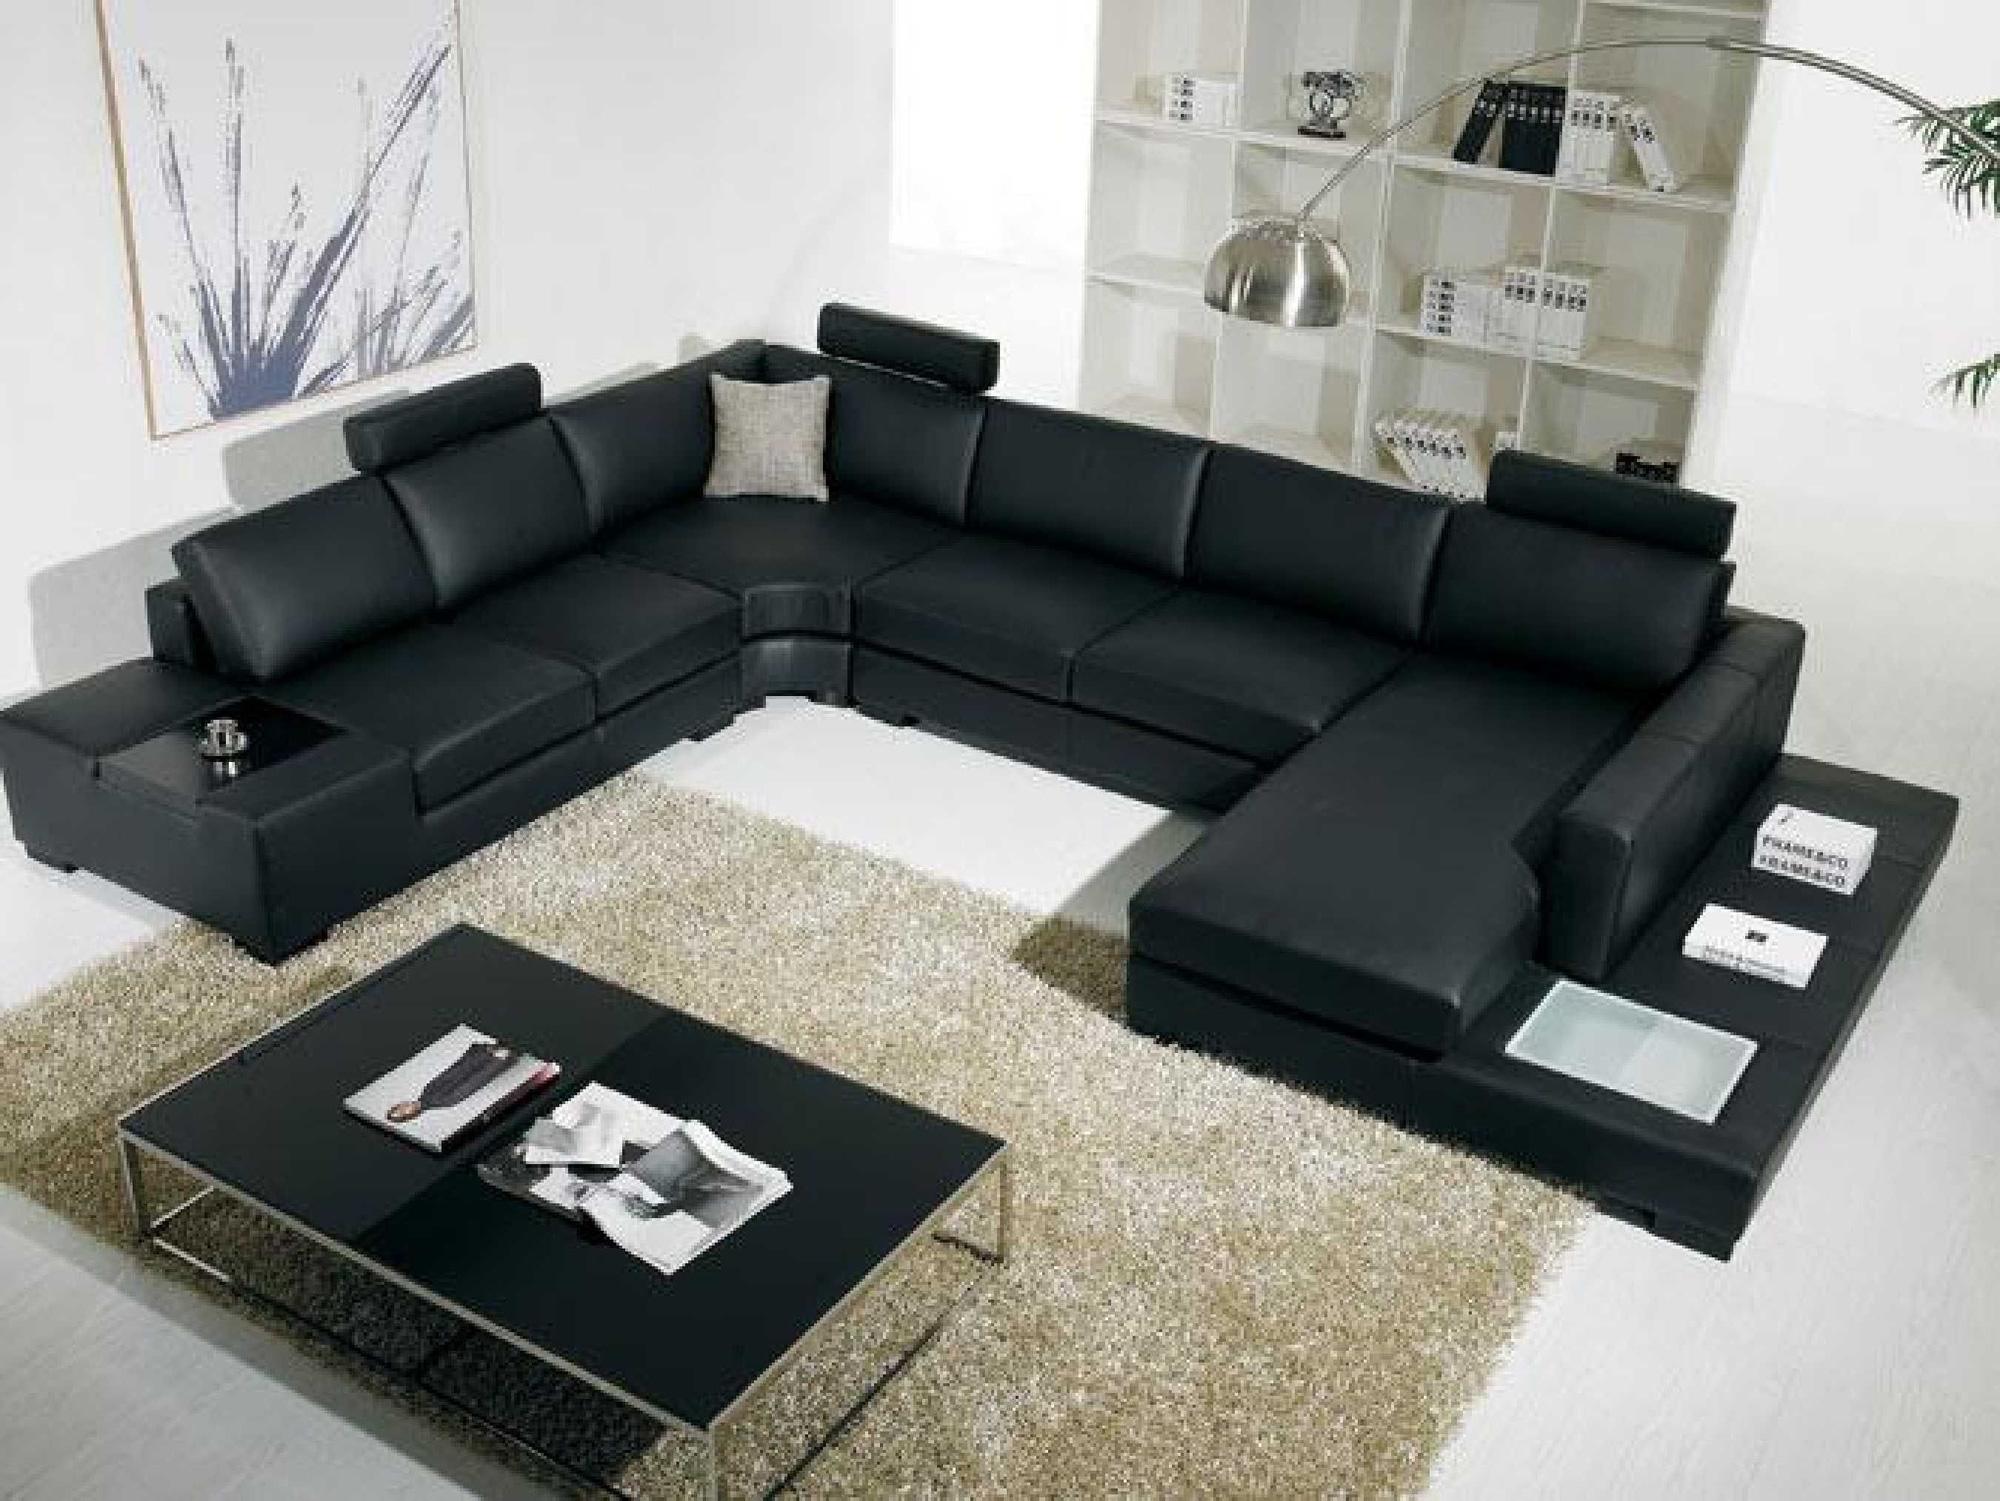 Cách chọn kích thước ghế sofa lý tưởng cho không gian nhà bạn - Ảnh 4.